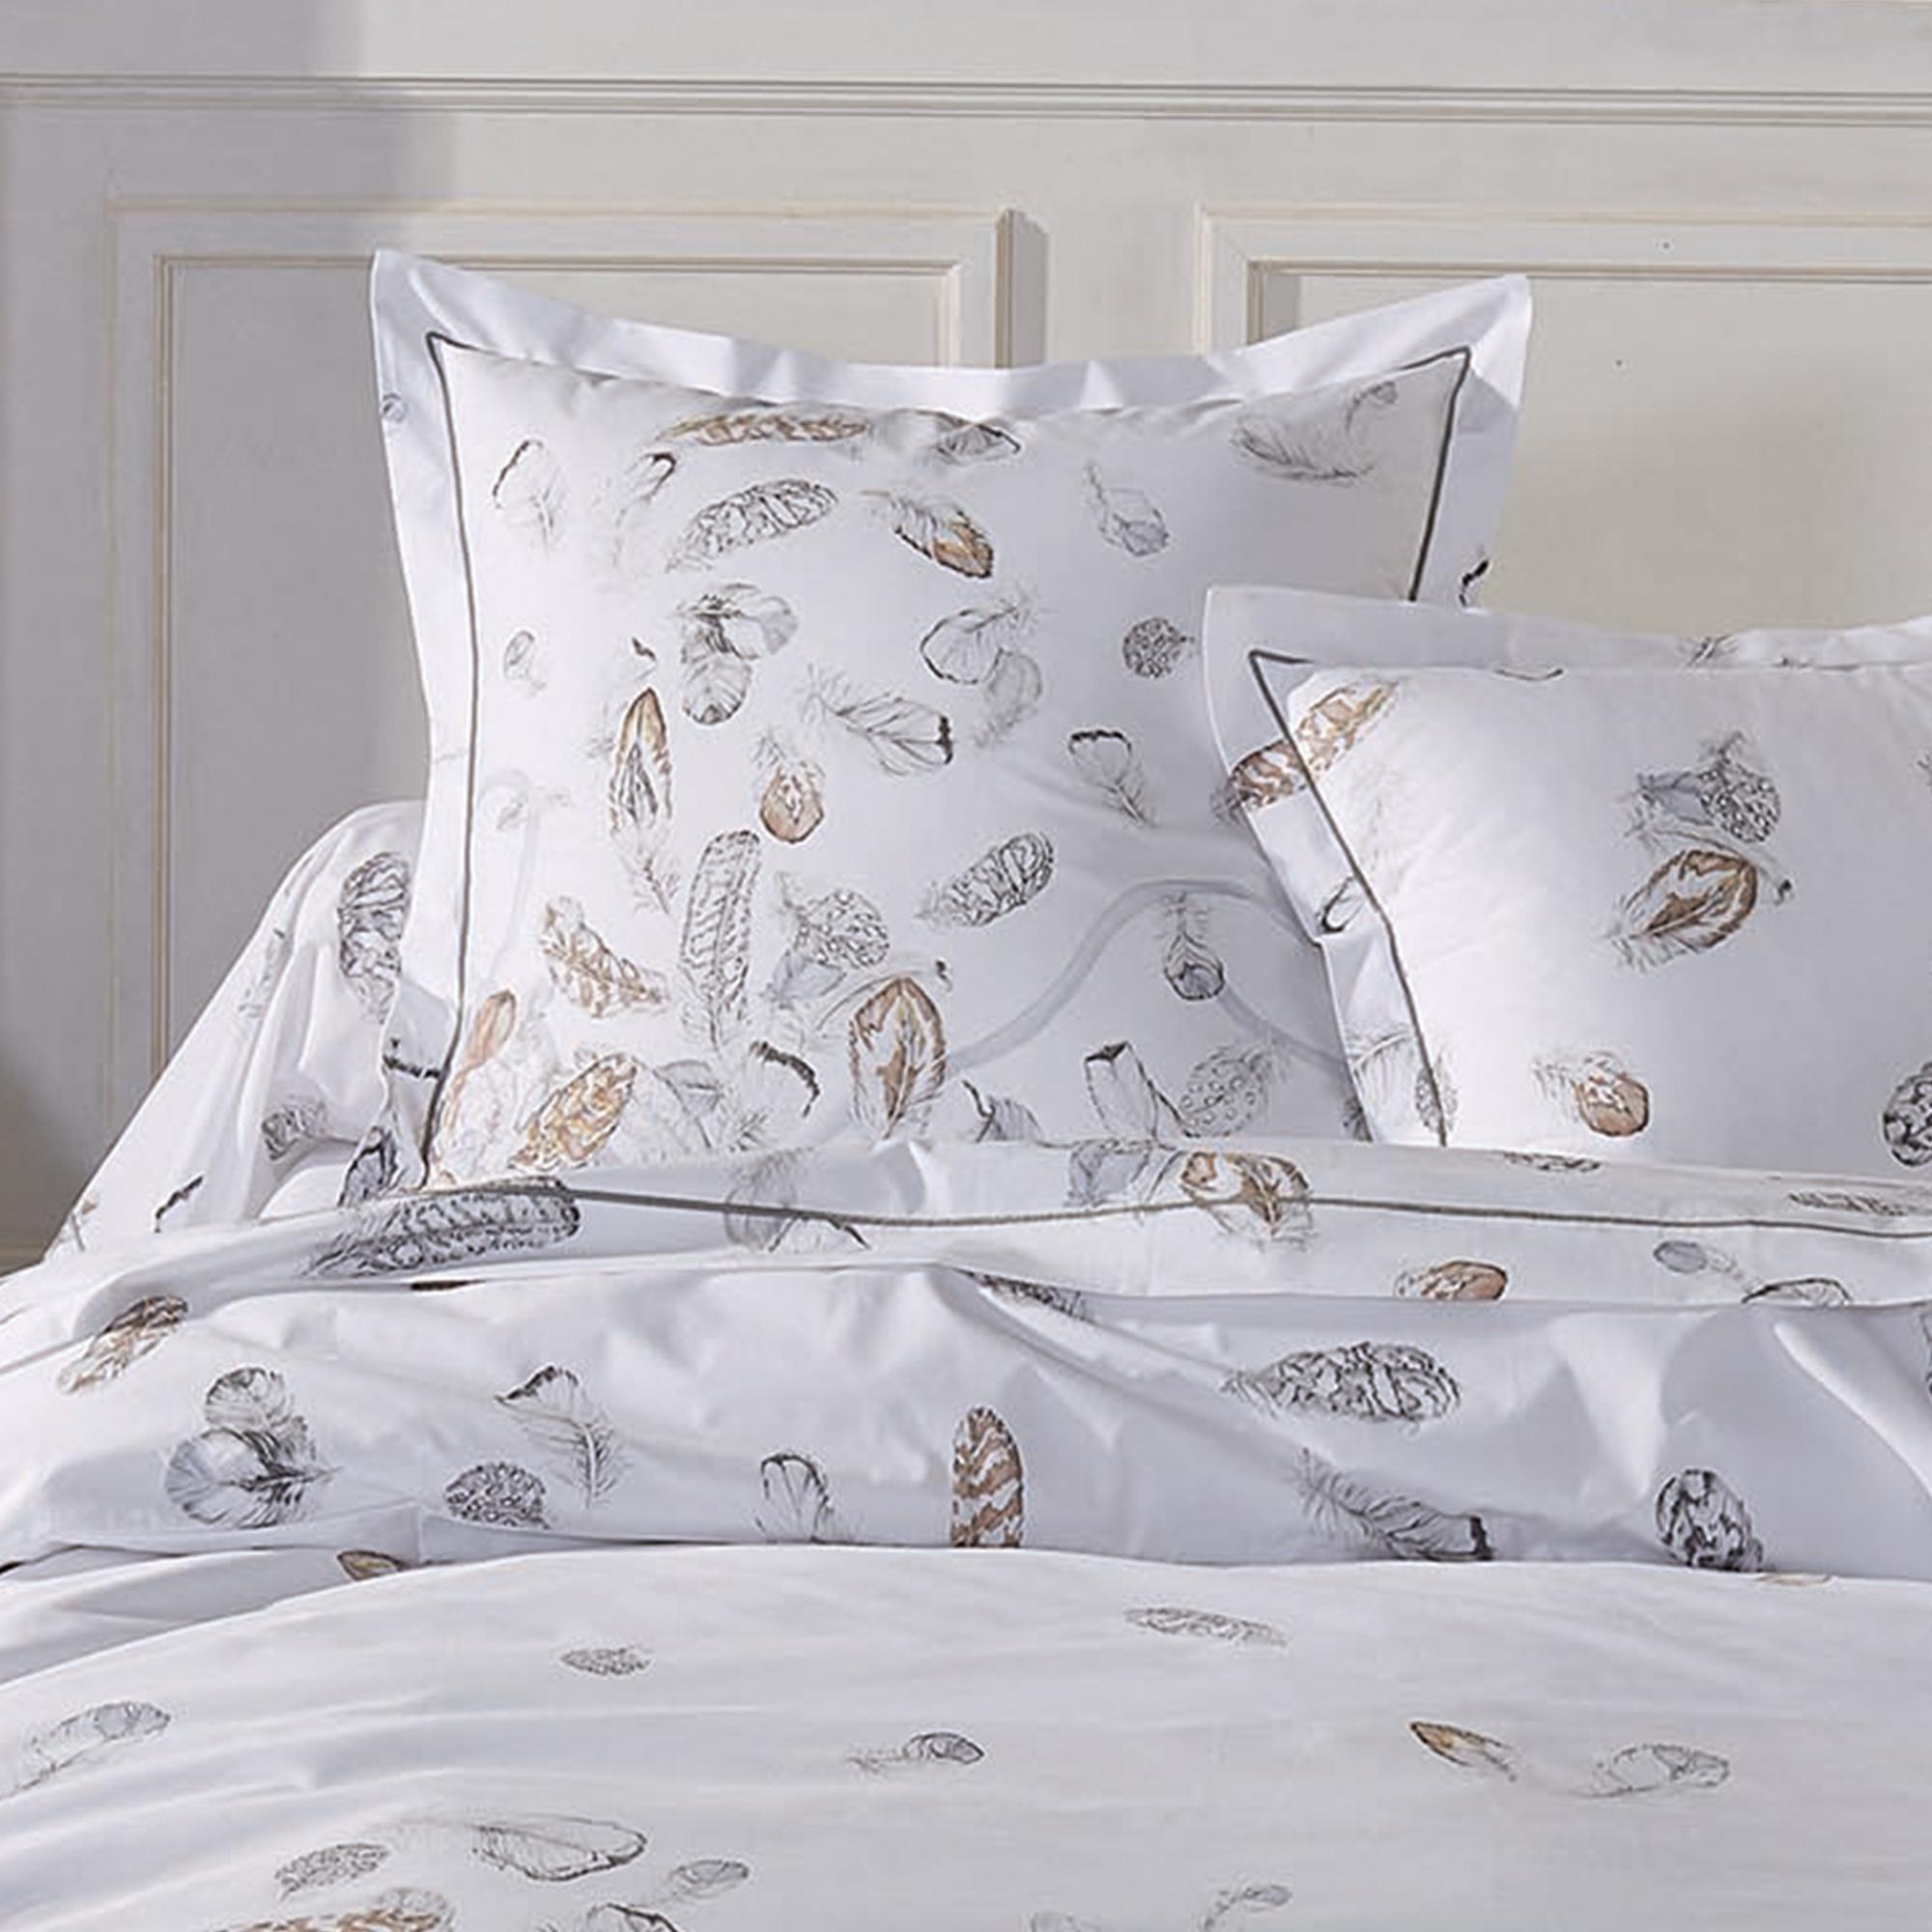 parure de lit percale pur coton peign 140x200 cm plumes linnea linge de maison et. Black Bedroom Furniture Sets. Home Design Ideas